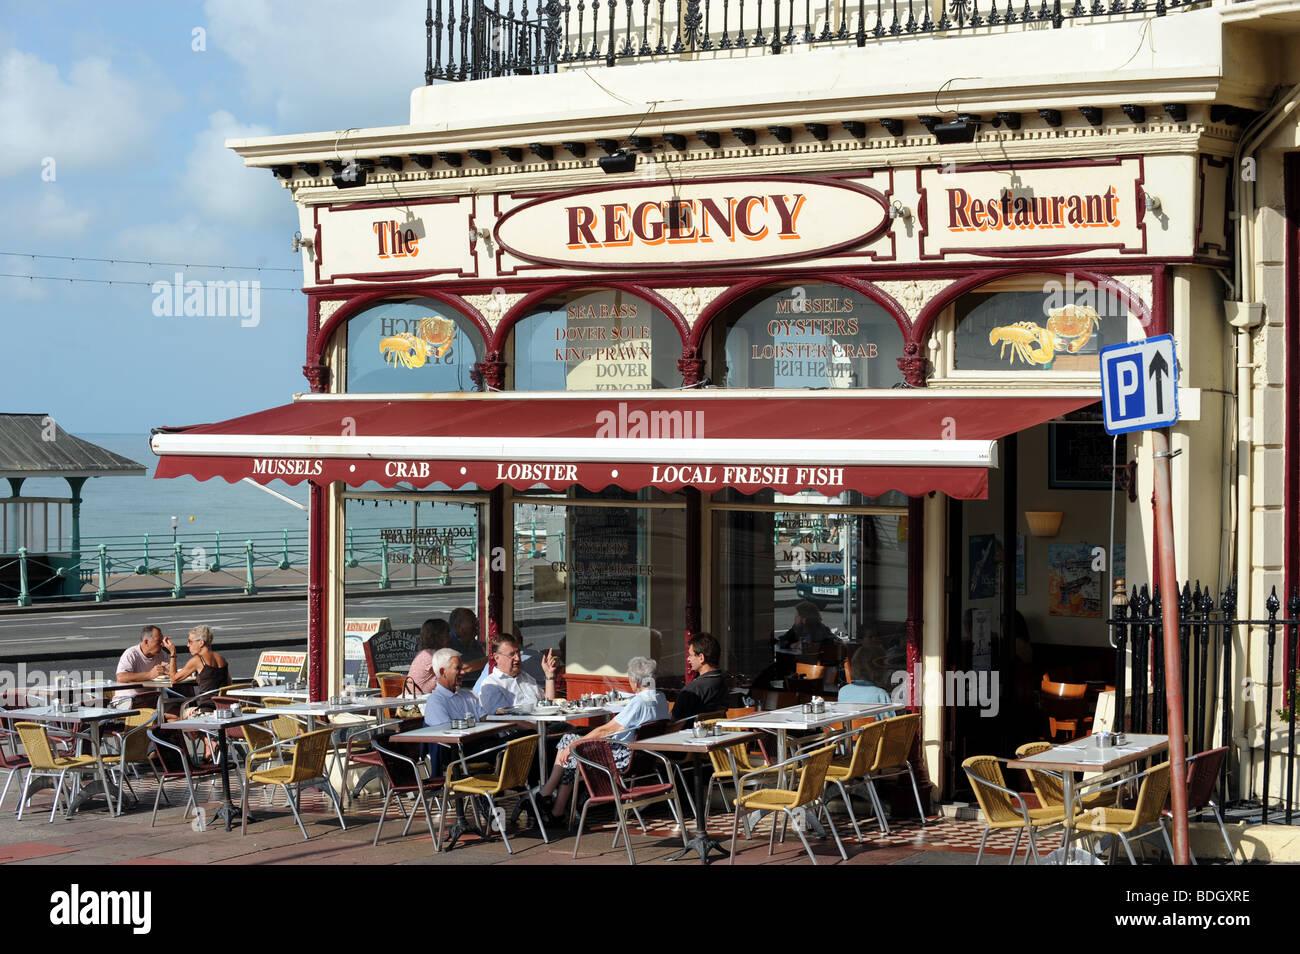 the regency restaurant for seafood on brighton seafront uk. Black Bedroom Furniture Sets. Home Design Ideas